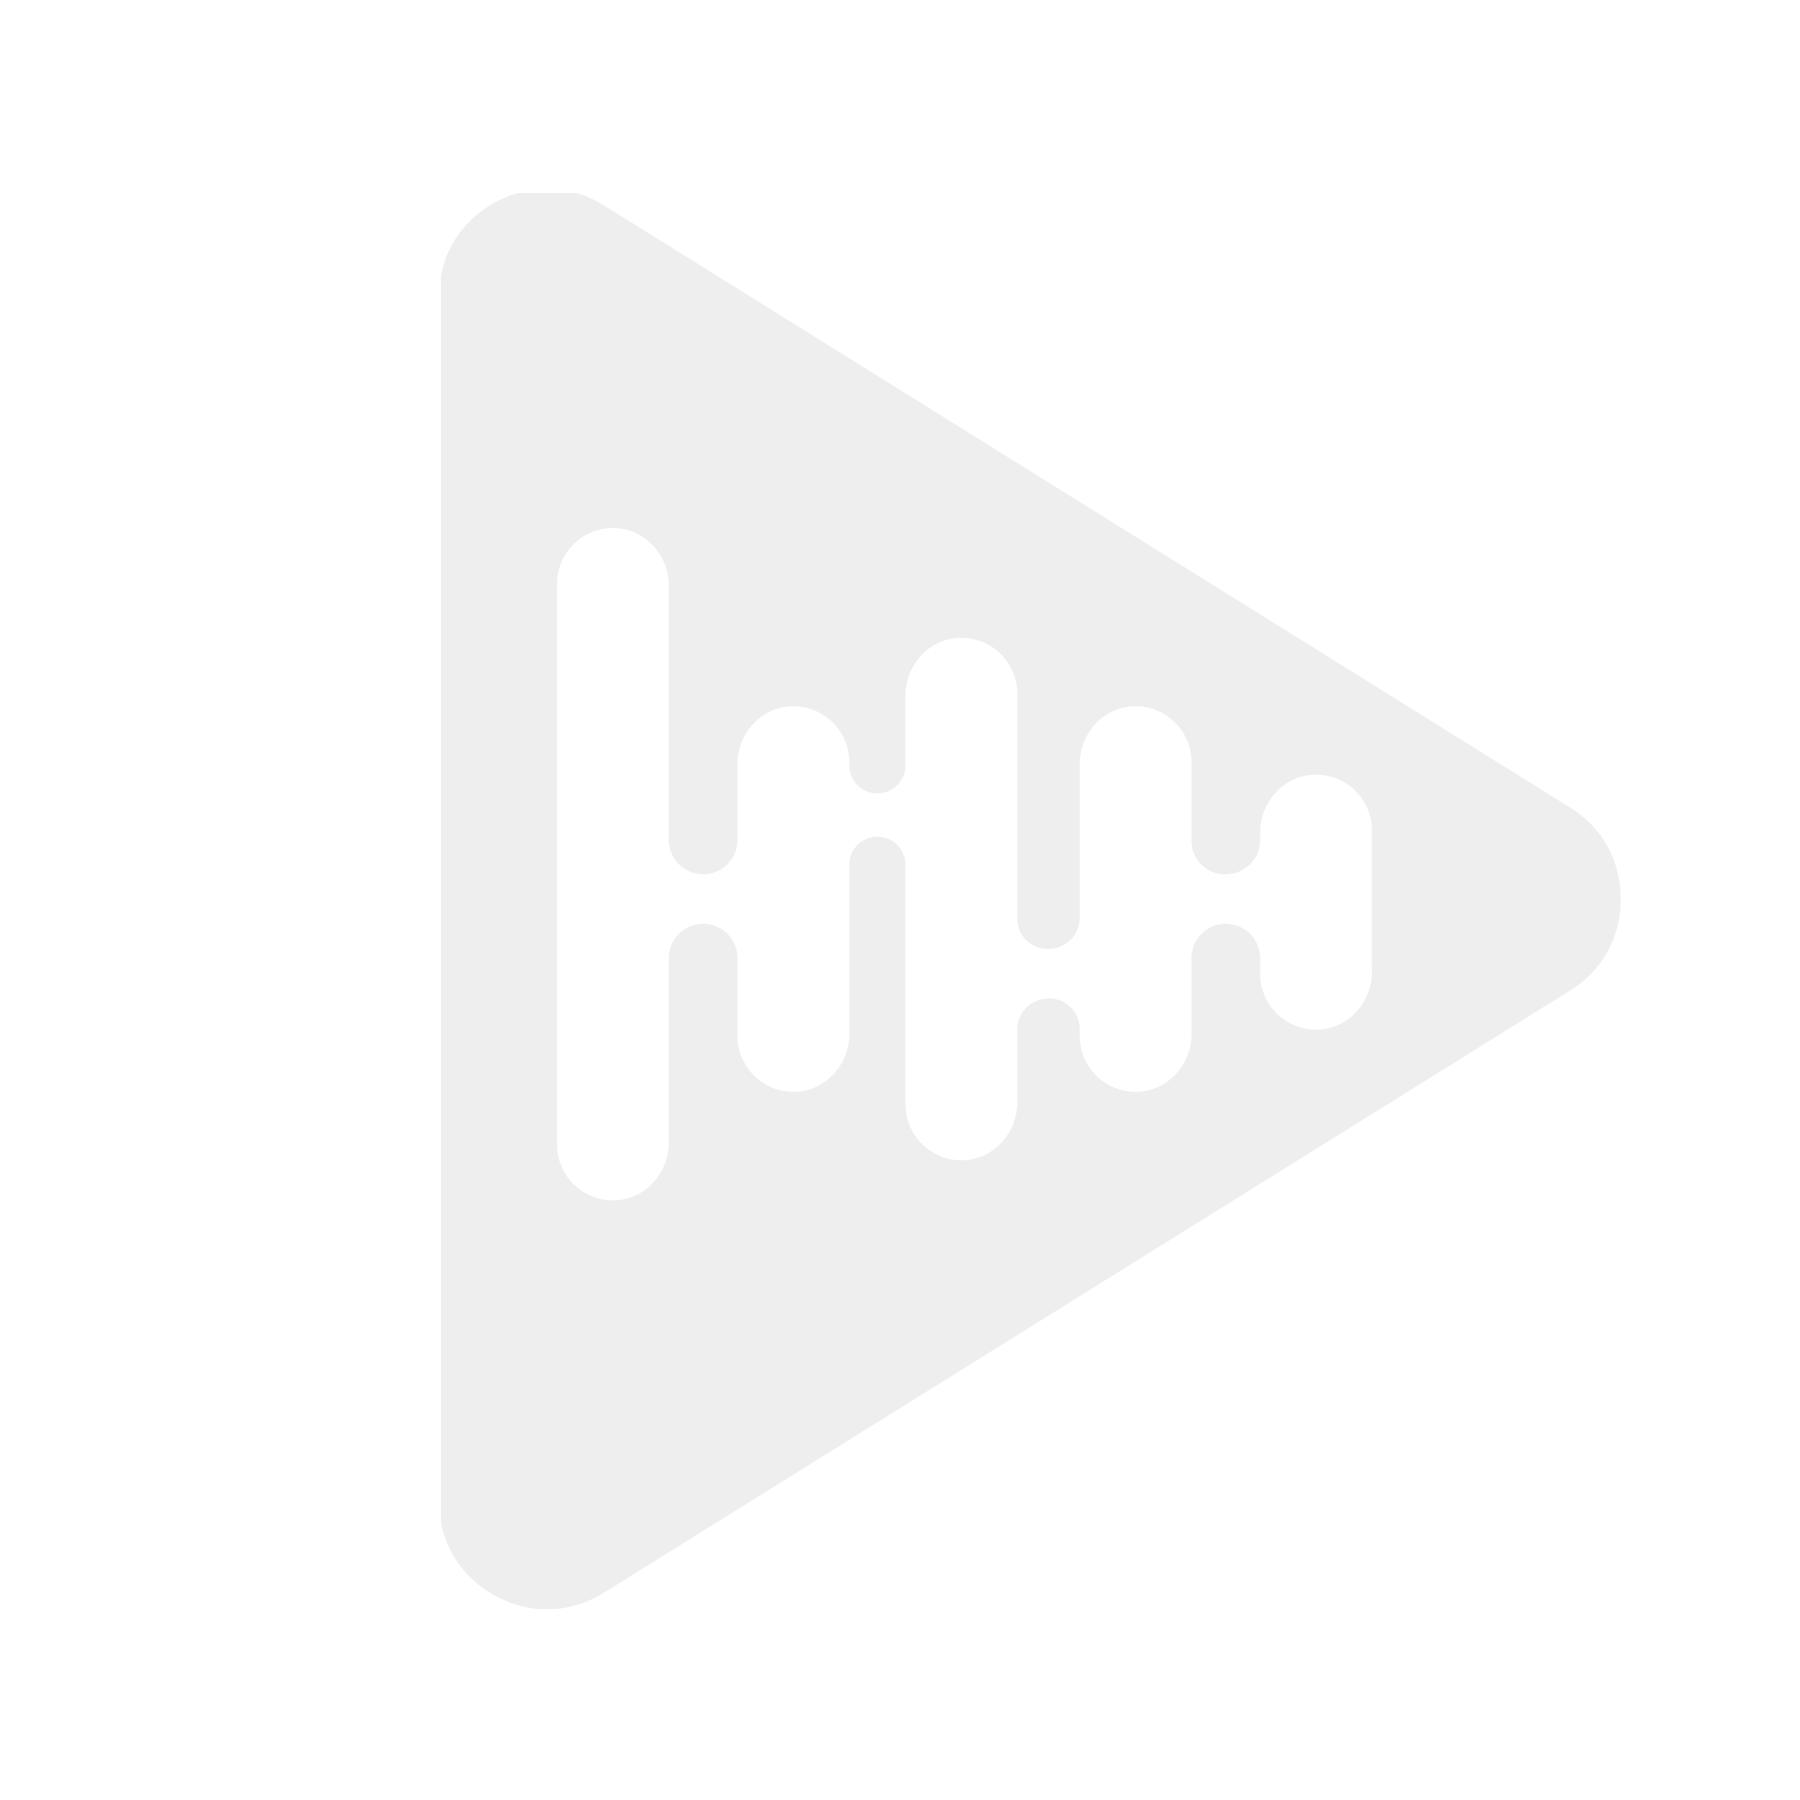 Metra AXADMZ01 - Kabelsett til AXADBOX1/2 - Mazda CX-7, CX-9 ('07-'12)